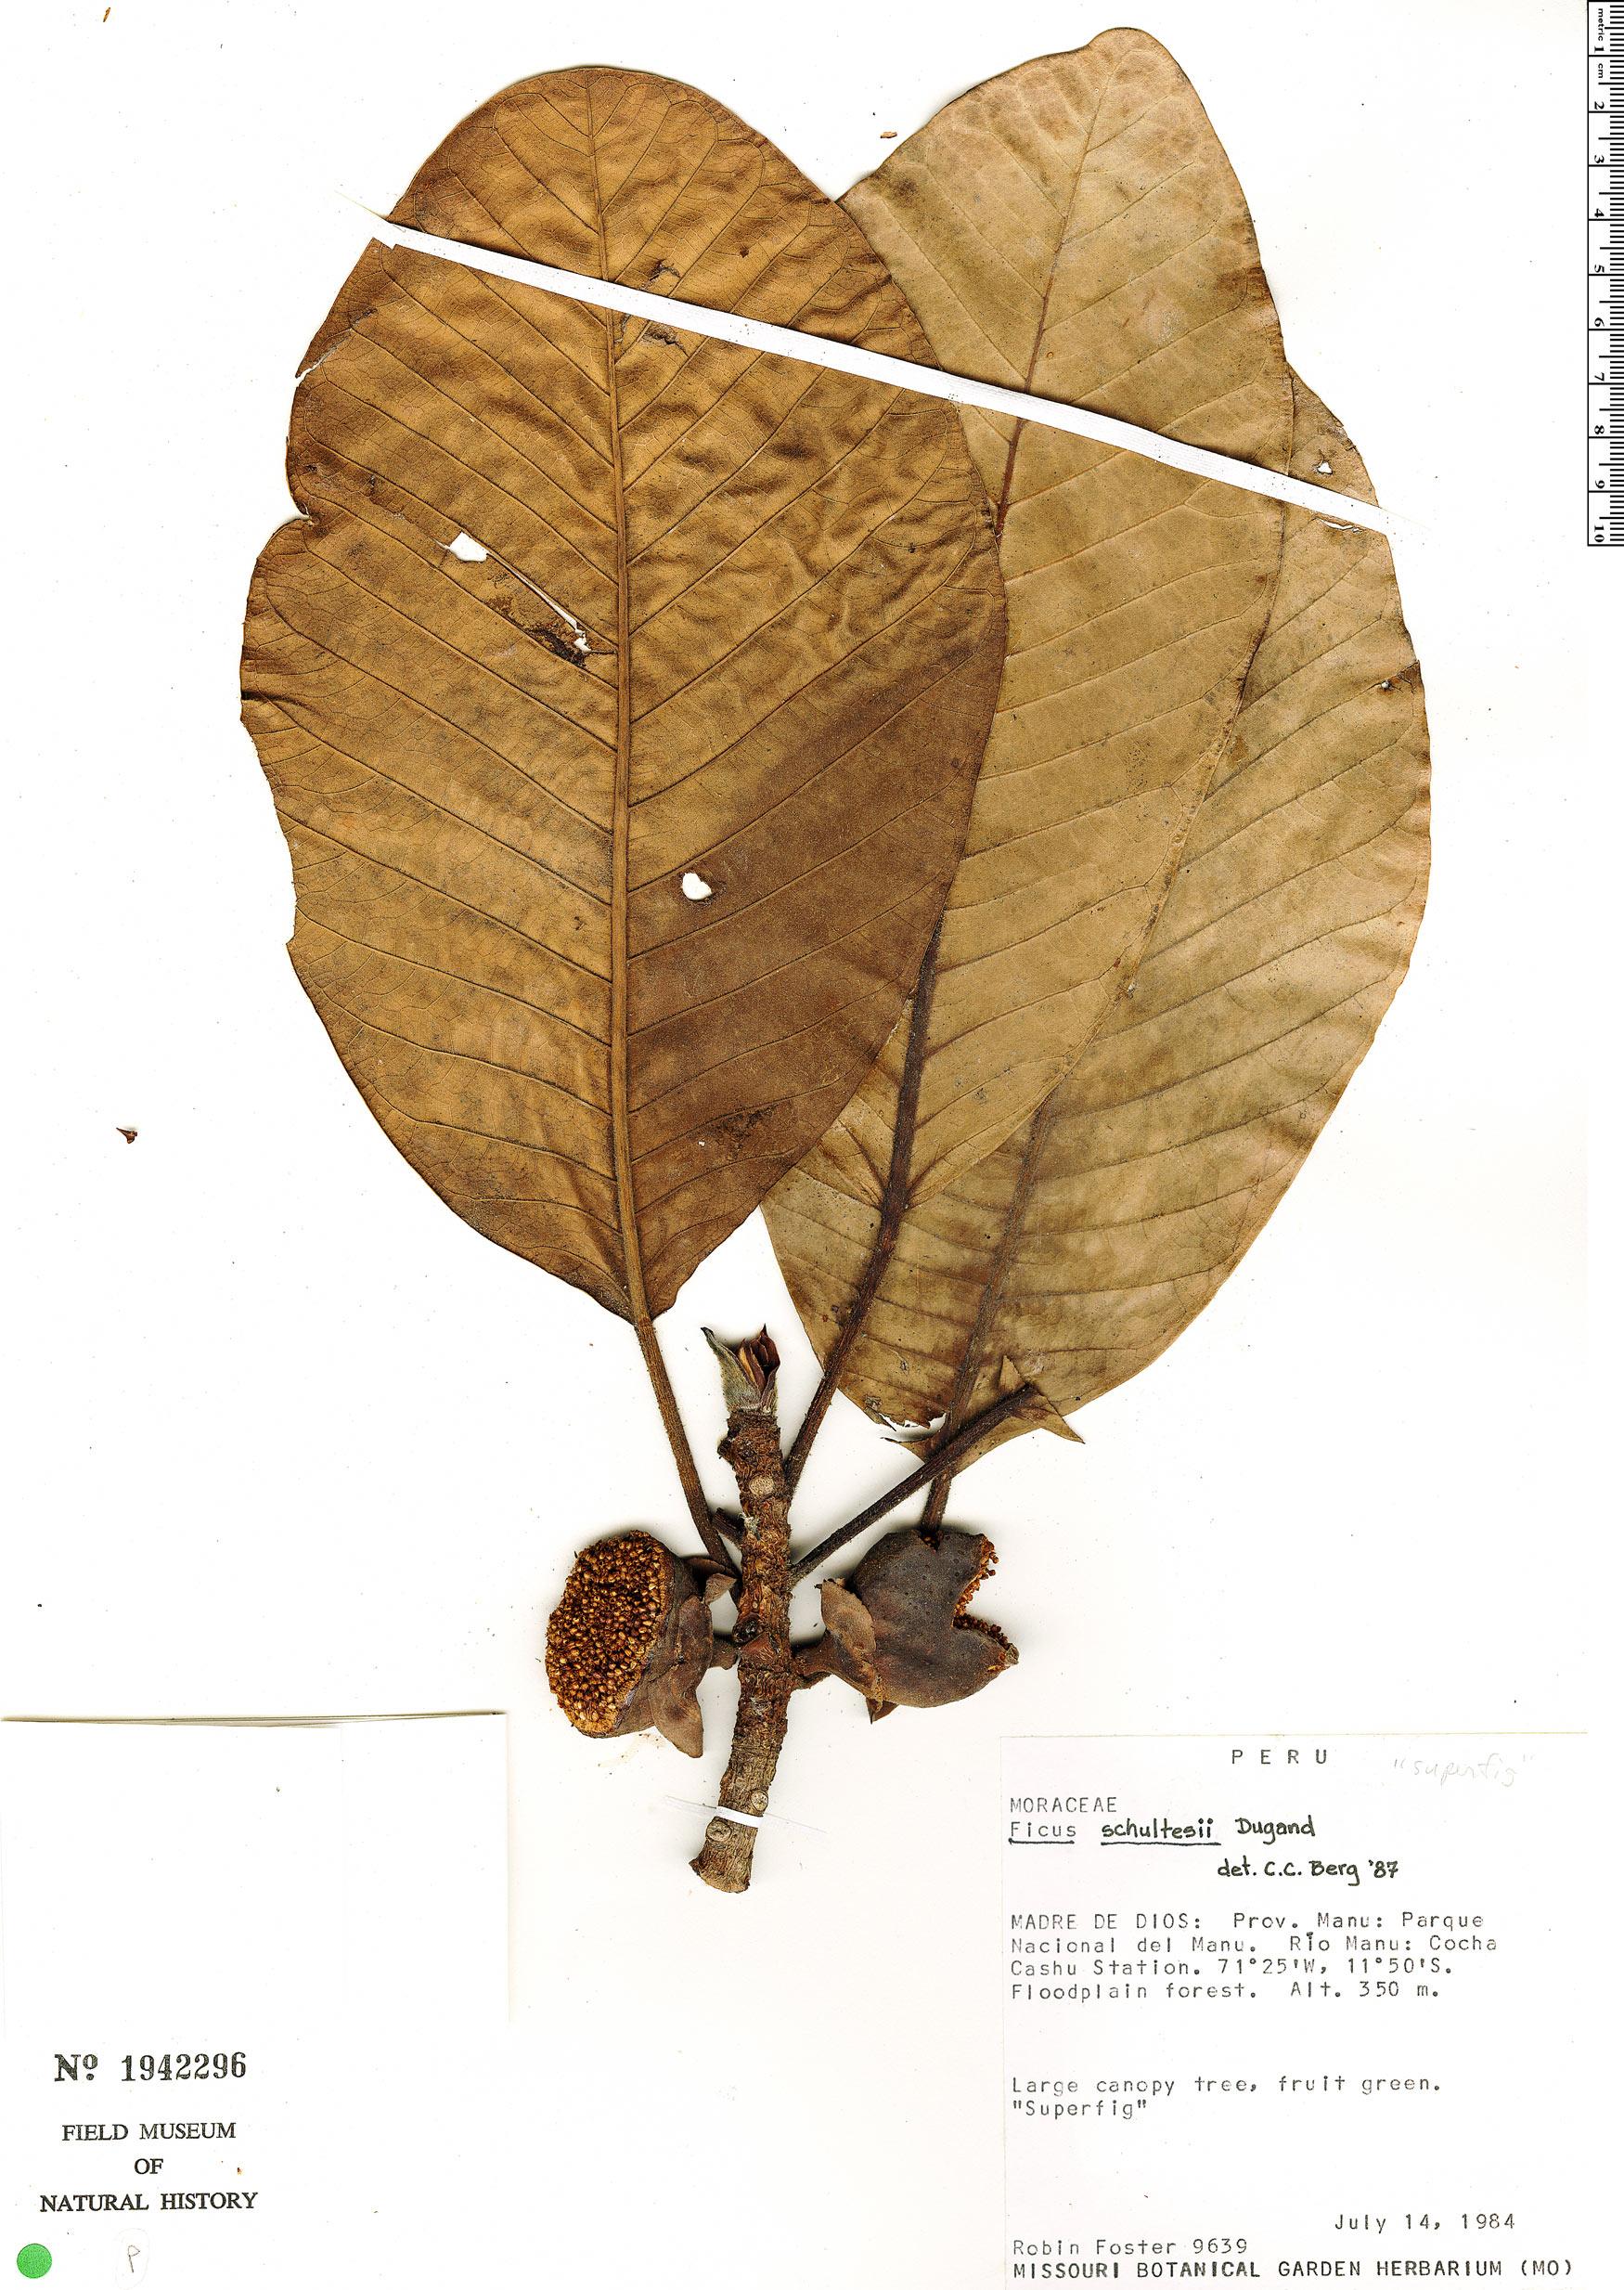 Specimen: Ficus schultesii